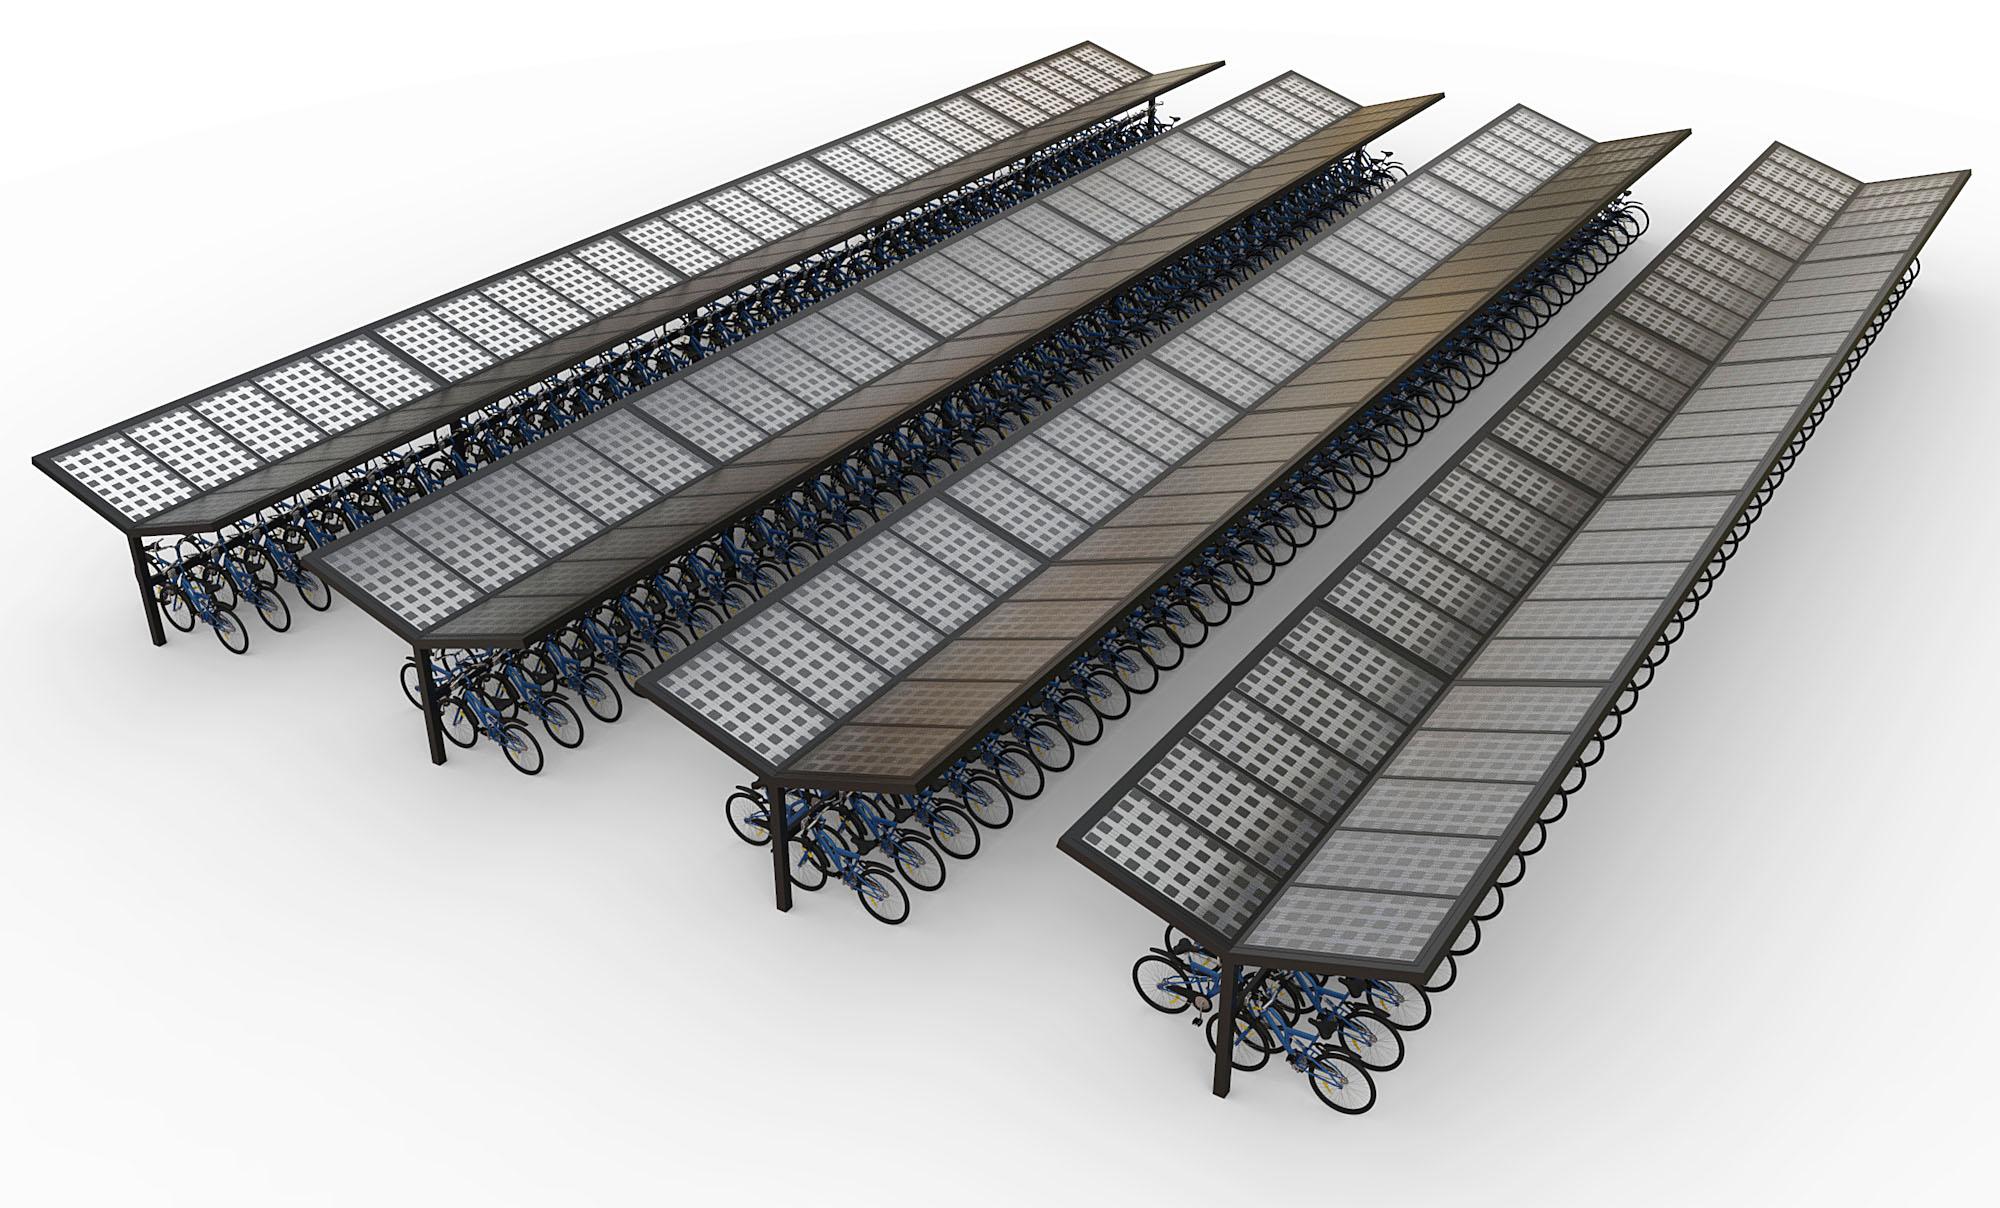 Fietsenstalling pv panelen dak